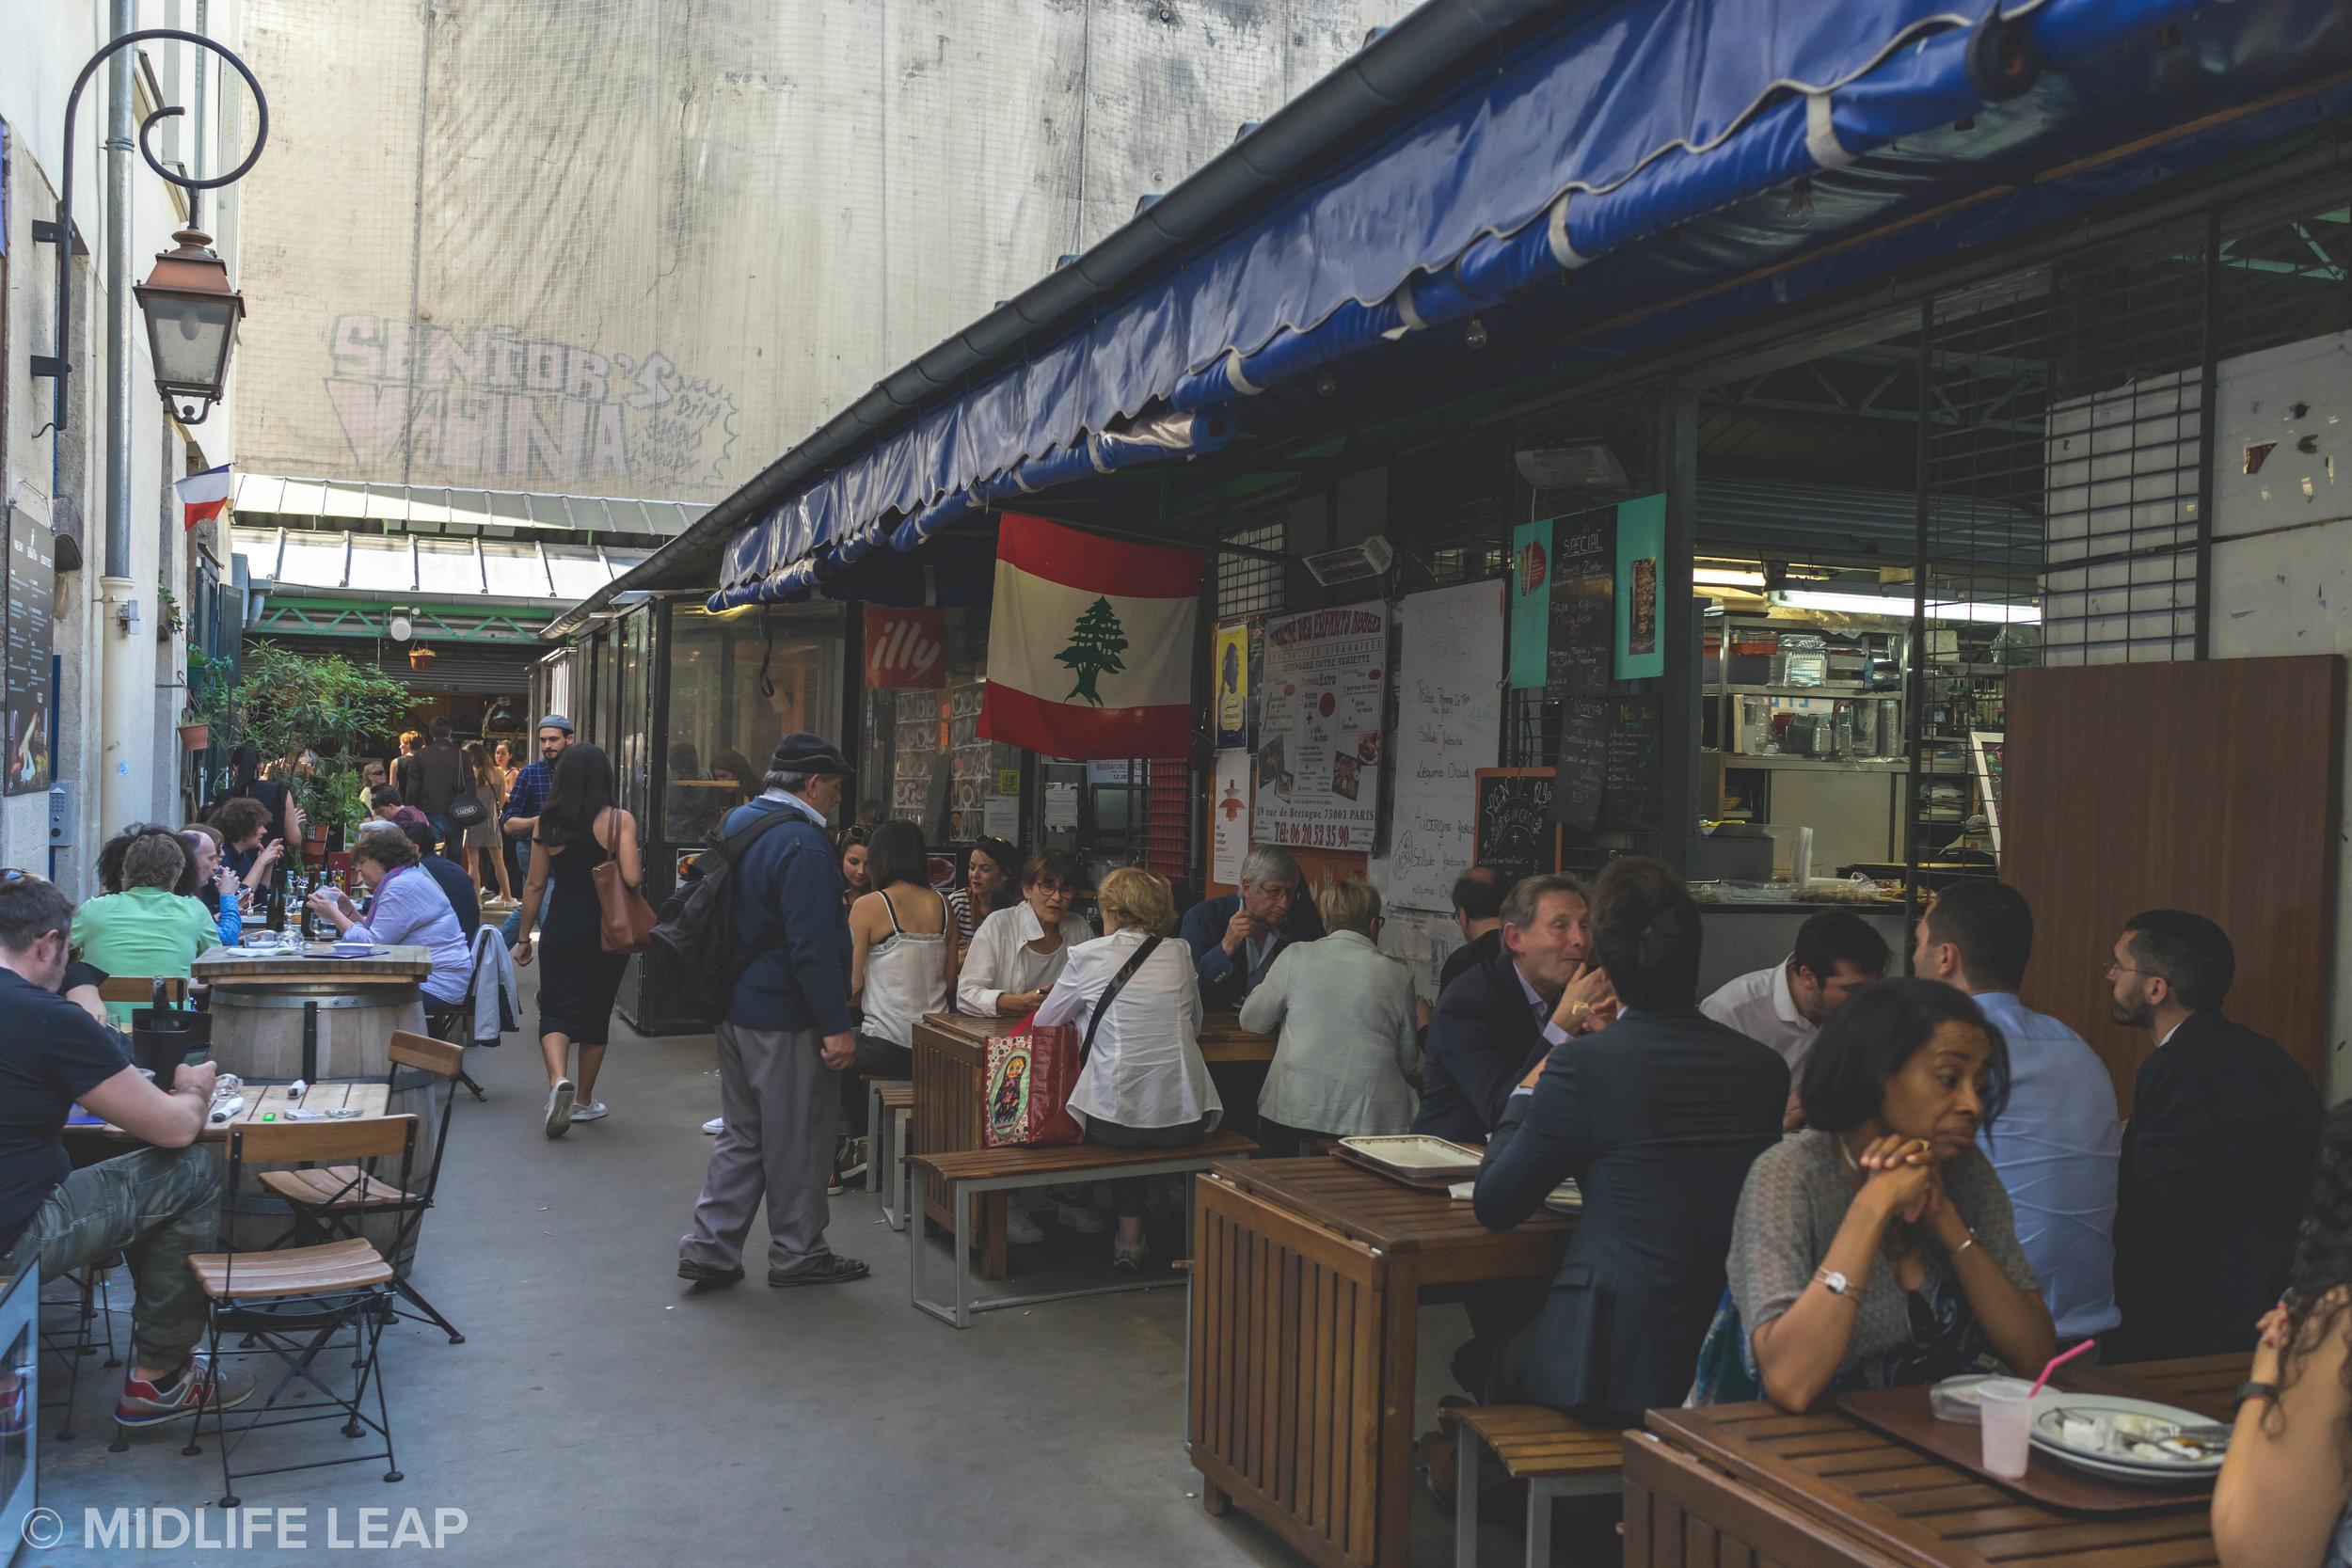 where-to-eat-in-paris-marche-des-enfants-rouges